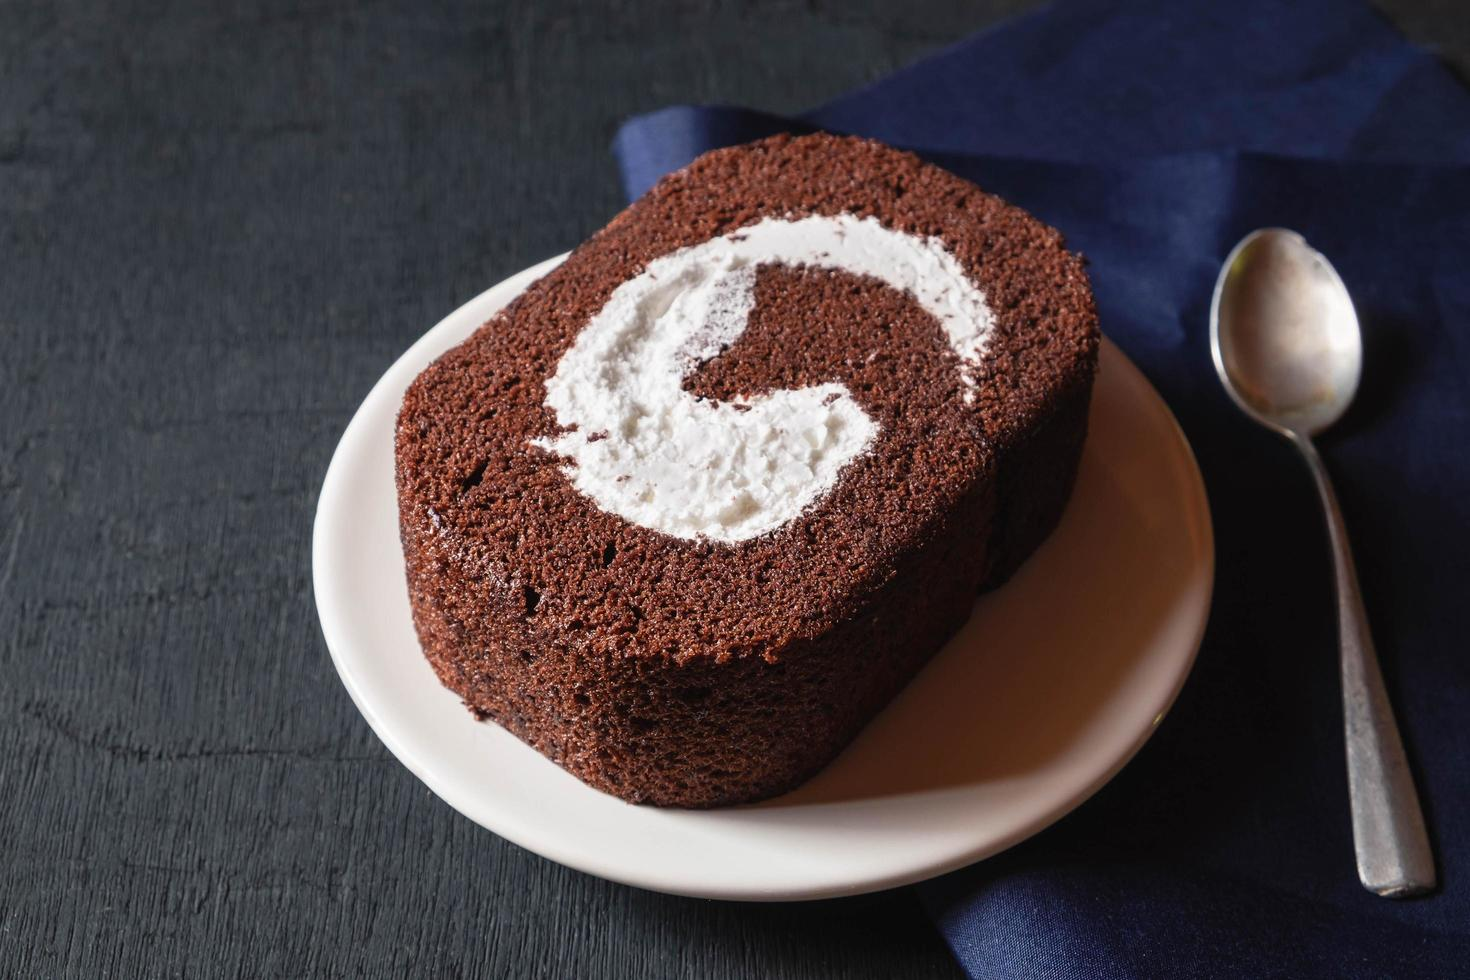 gâteau au chocolat sur table noire. photo